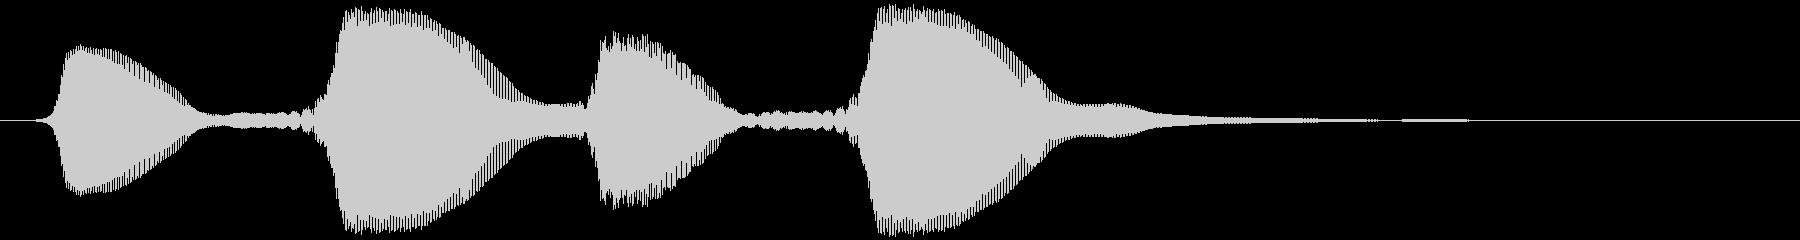 パフパフ(ラッパ、イケイケ風)の未再生の波形